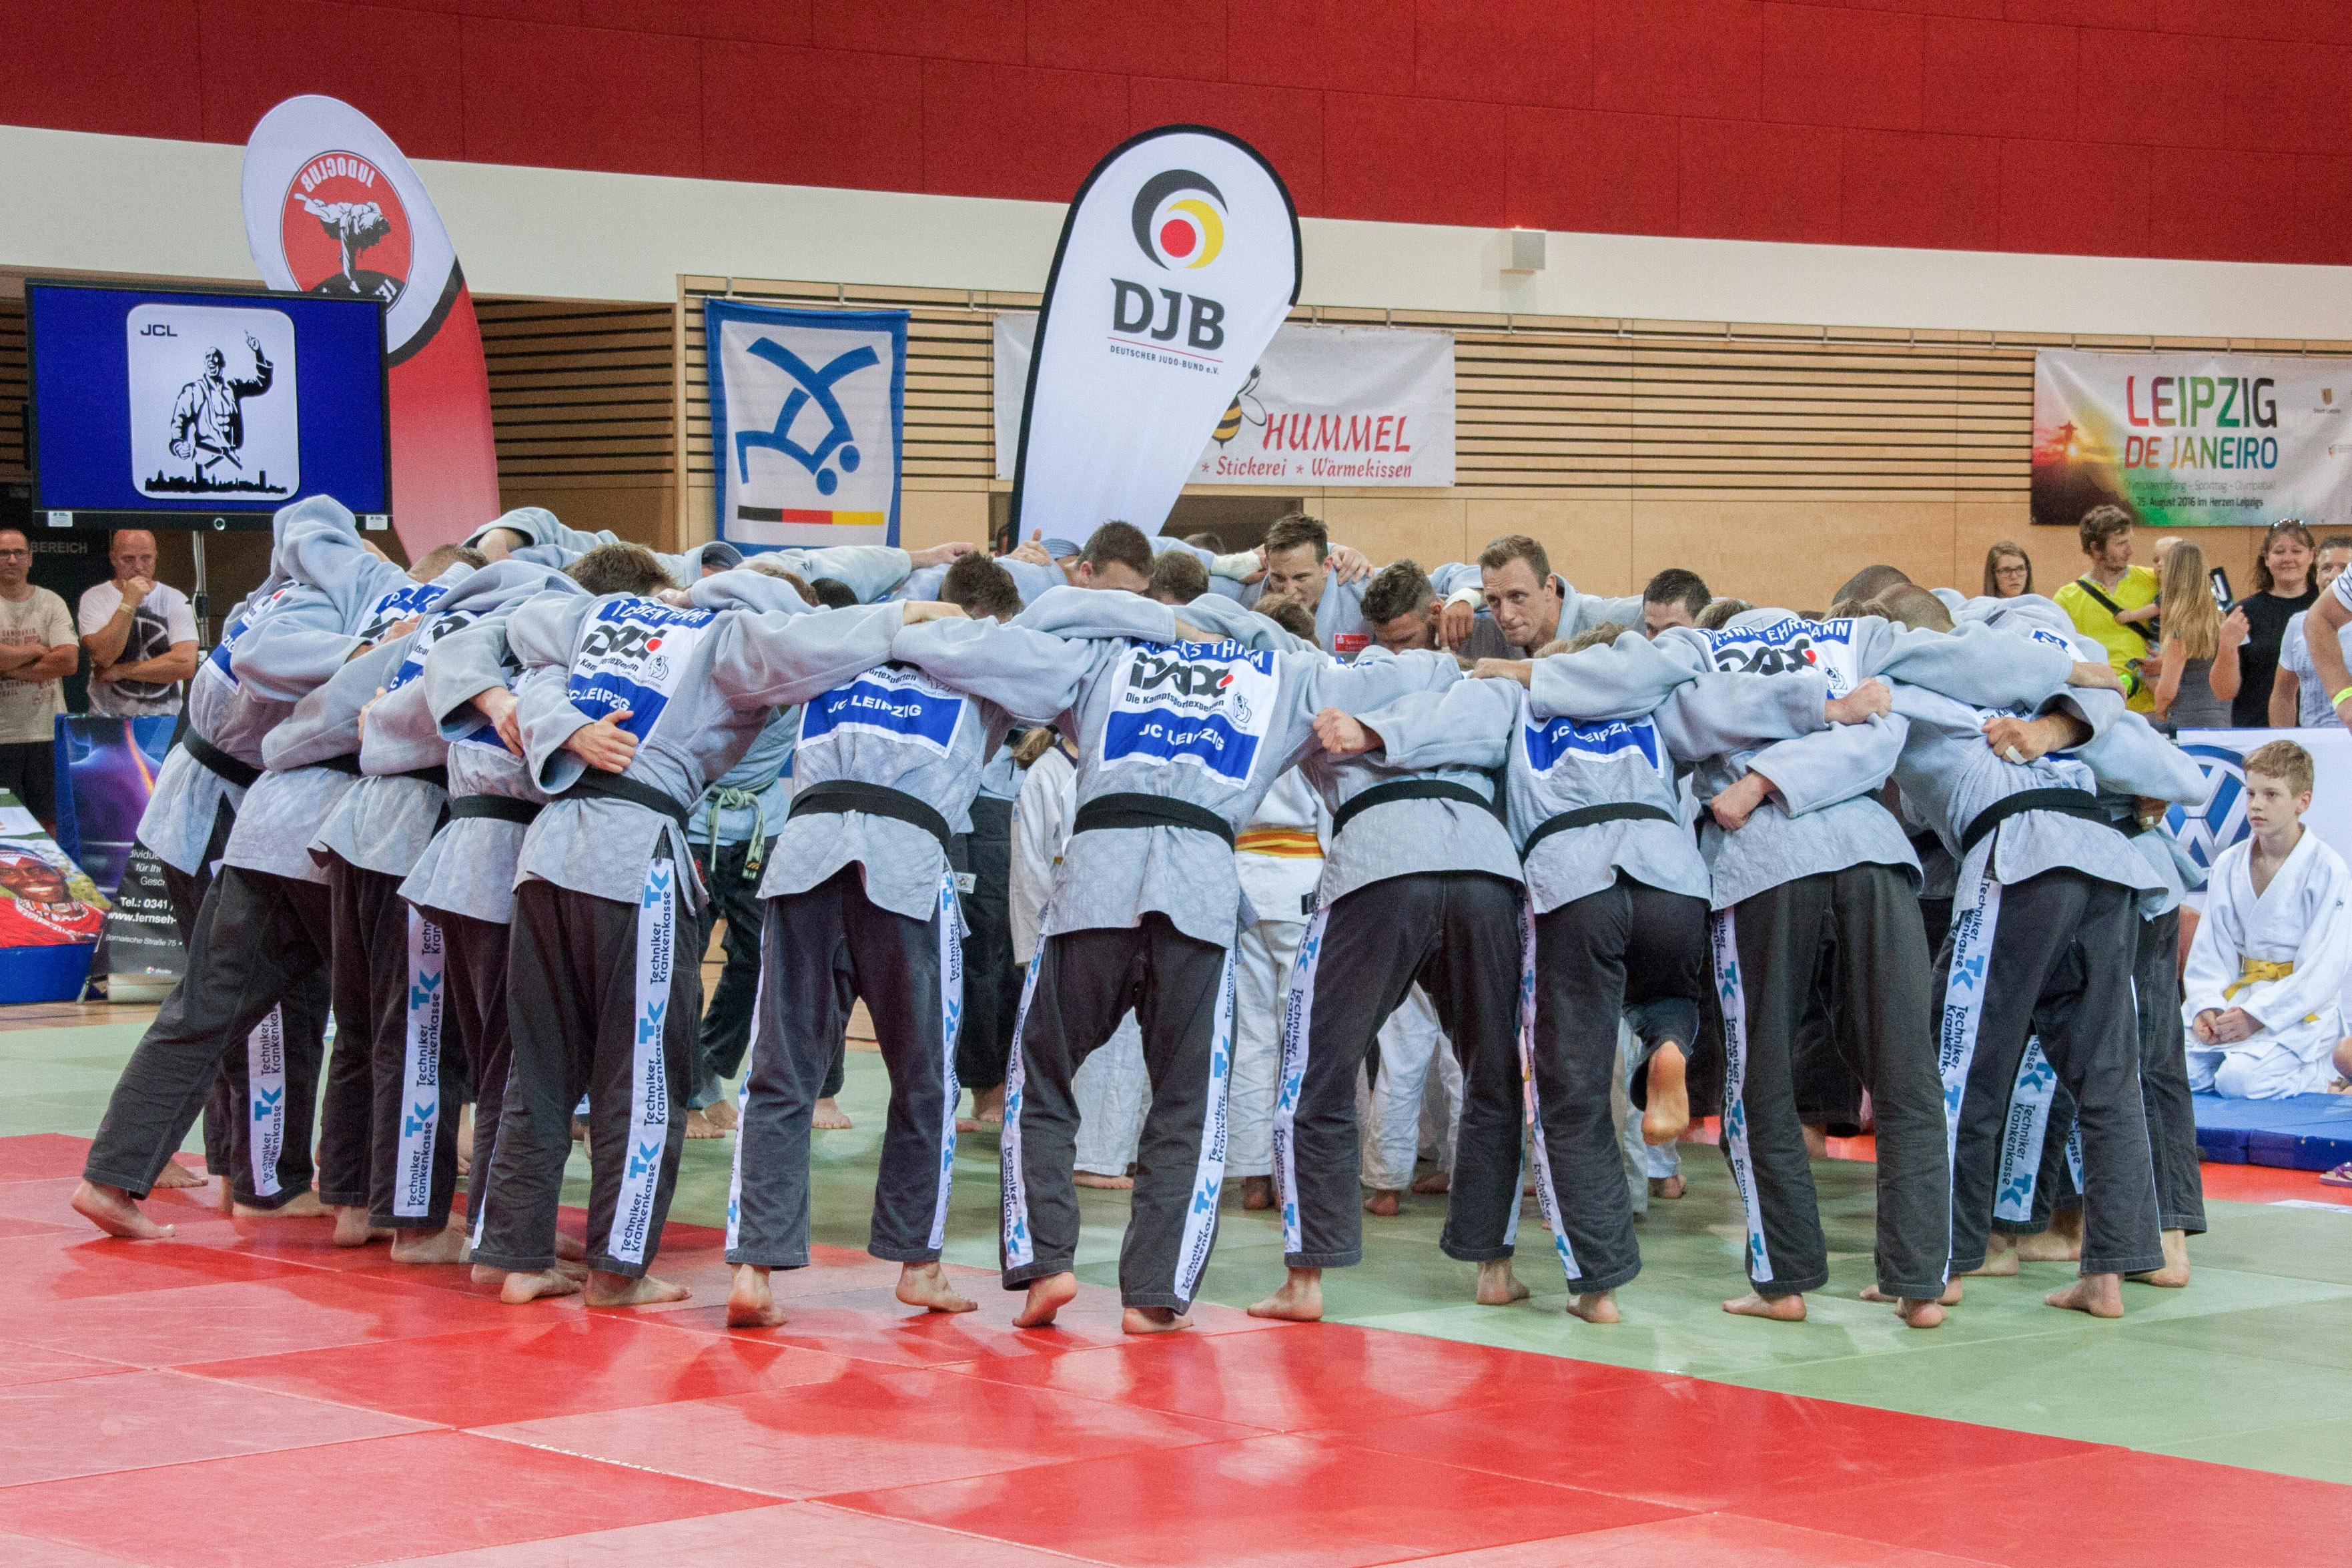 Der Judoclub Leipzig ist nominiert – Jede Stimme zählt!